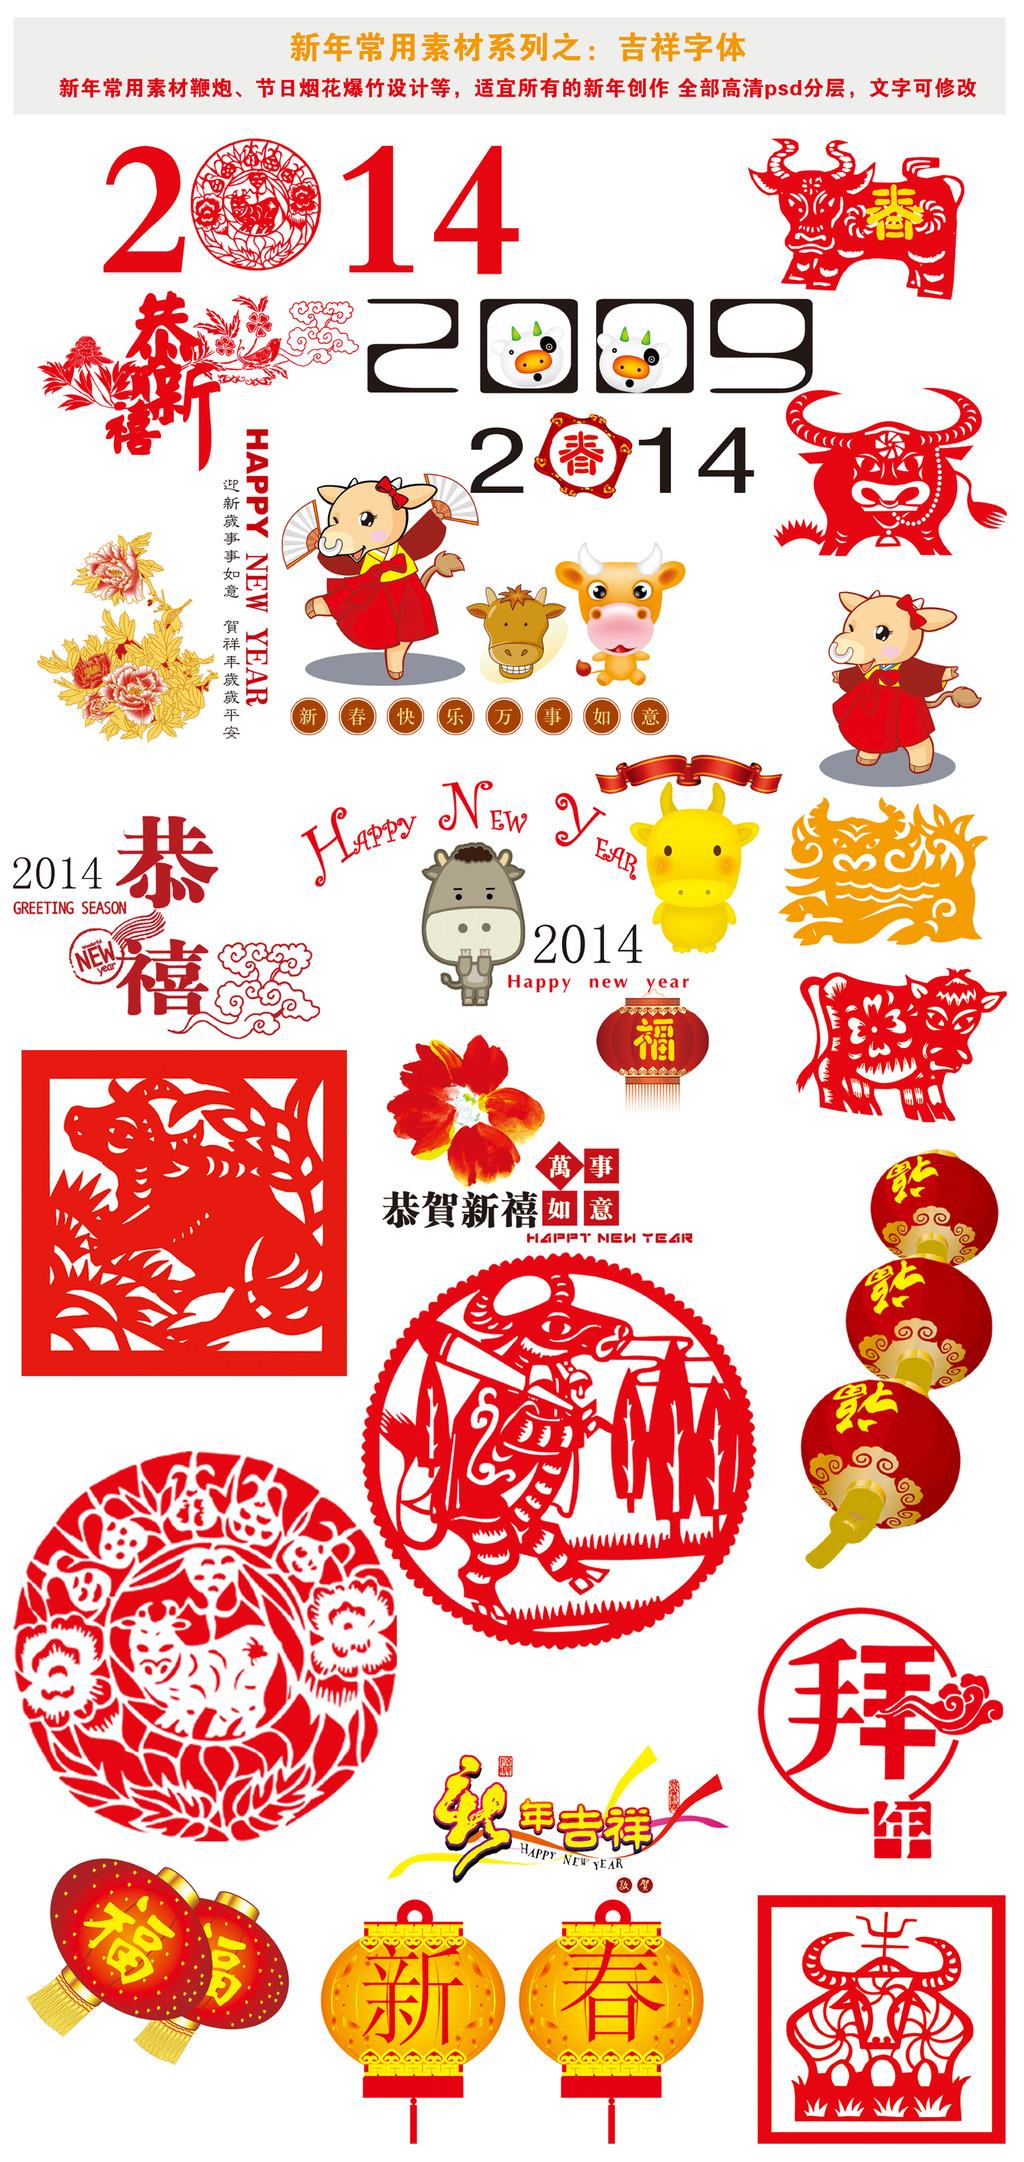 春节 节日 烟花 金 艺术字 新春 舞台 新春 卡通羊 新春贺岁 新年海报